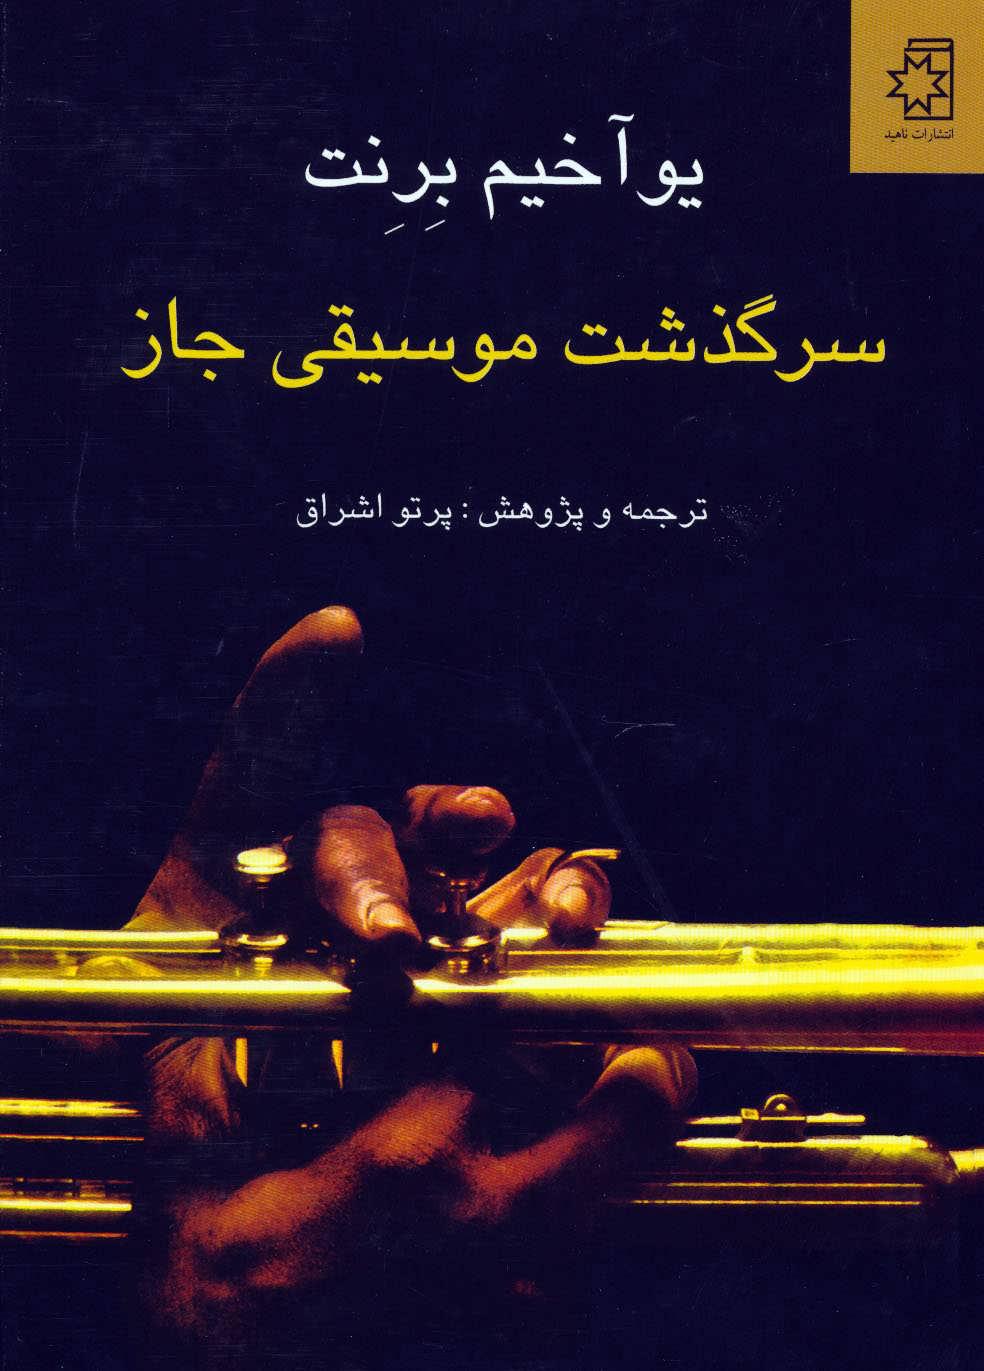 کتاب سرگذشت موسیقی جاز